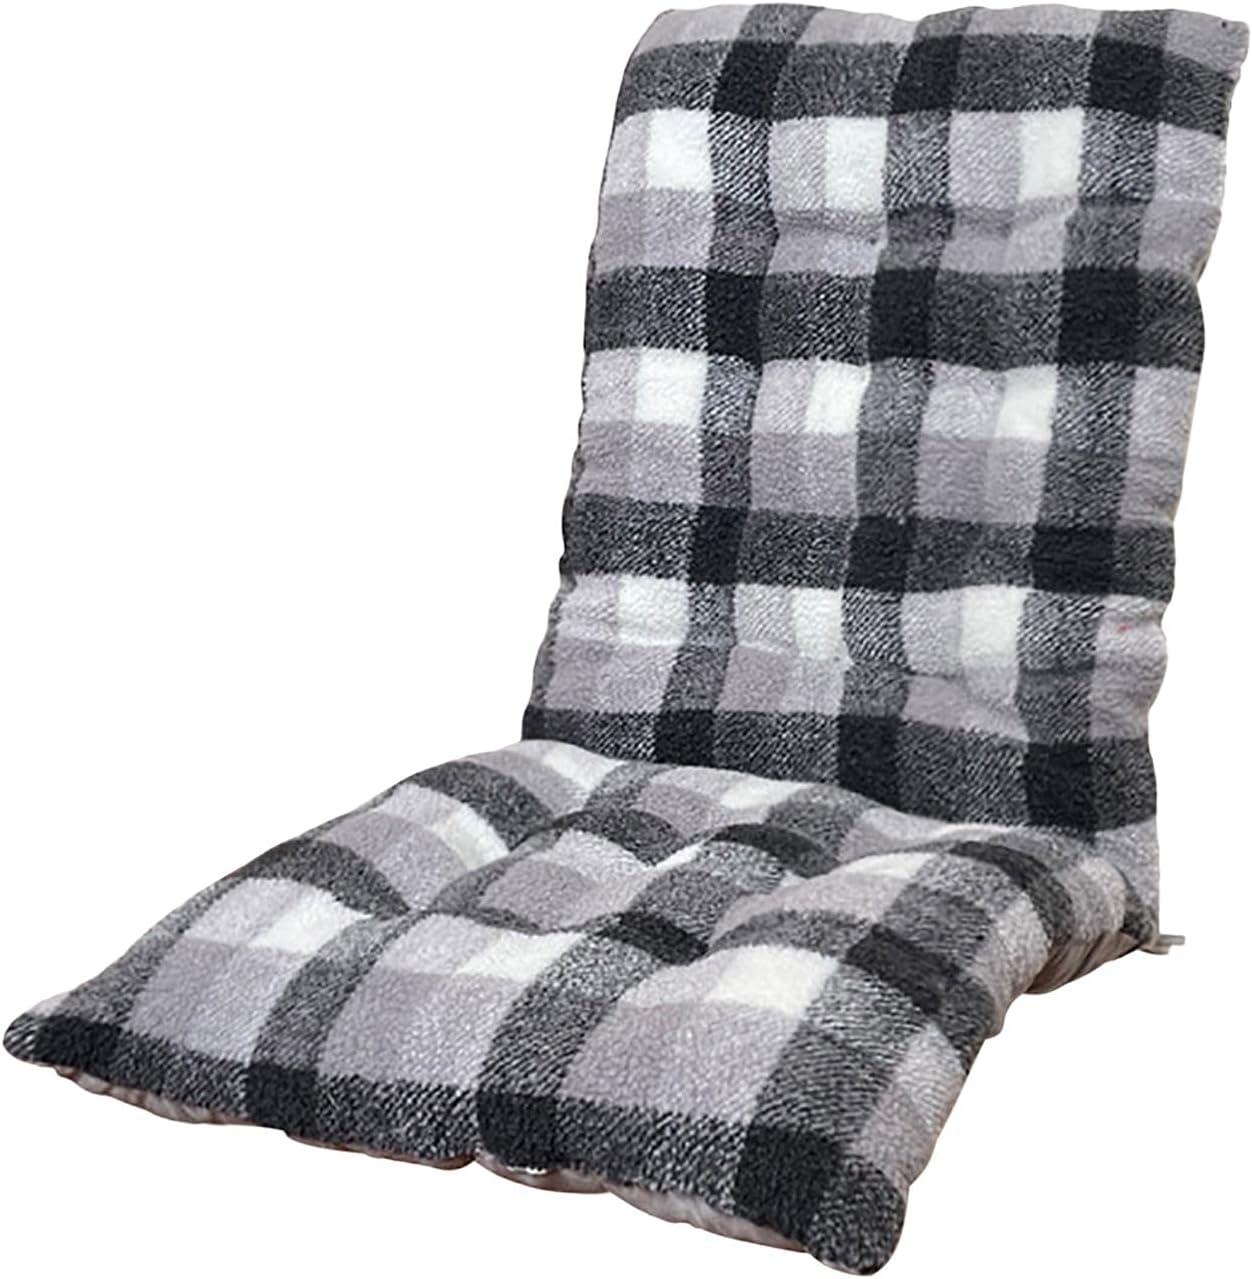 Cojín de tumbona, cojines de silla relax, cojín para silla de jardín, para silla, cojín exterior para jardín, flair sofá, cojín – 48 x 48 x 62 cm (sólo